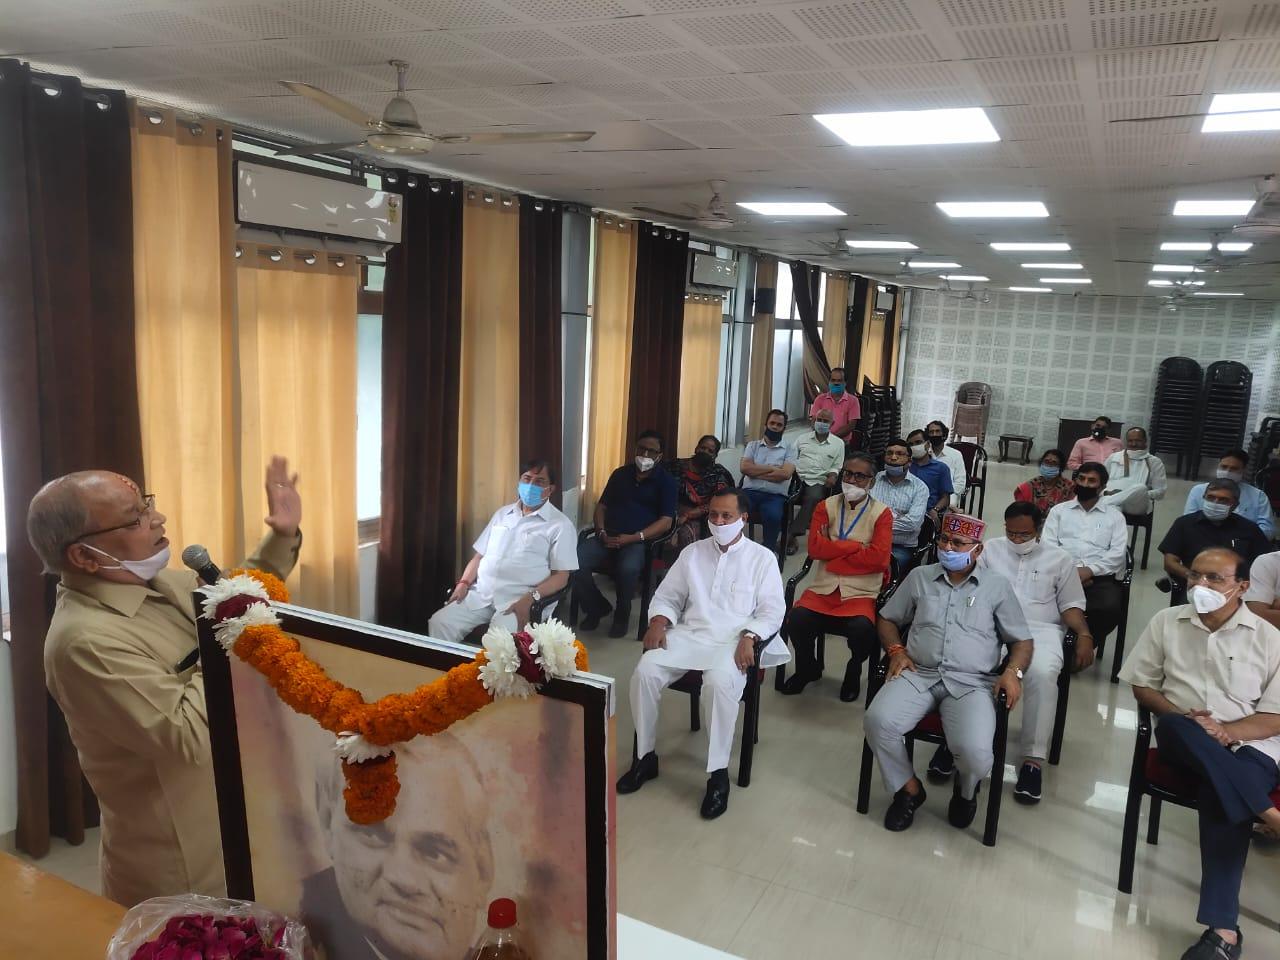 भाजपा प्रदेश कार्यालय पर स्वर्गीय अटल बिहारी वाजपेयी को उनकी पुण्यतिथि पर दी गई श्रद्धांजलि 2